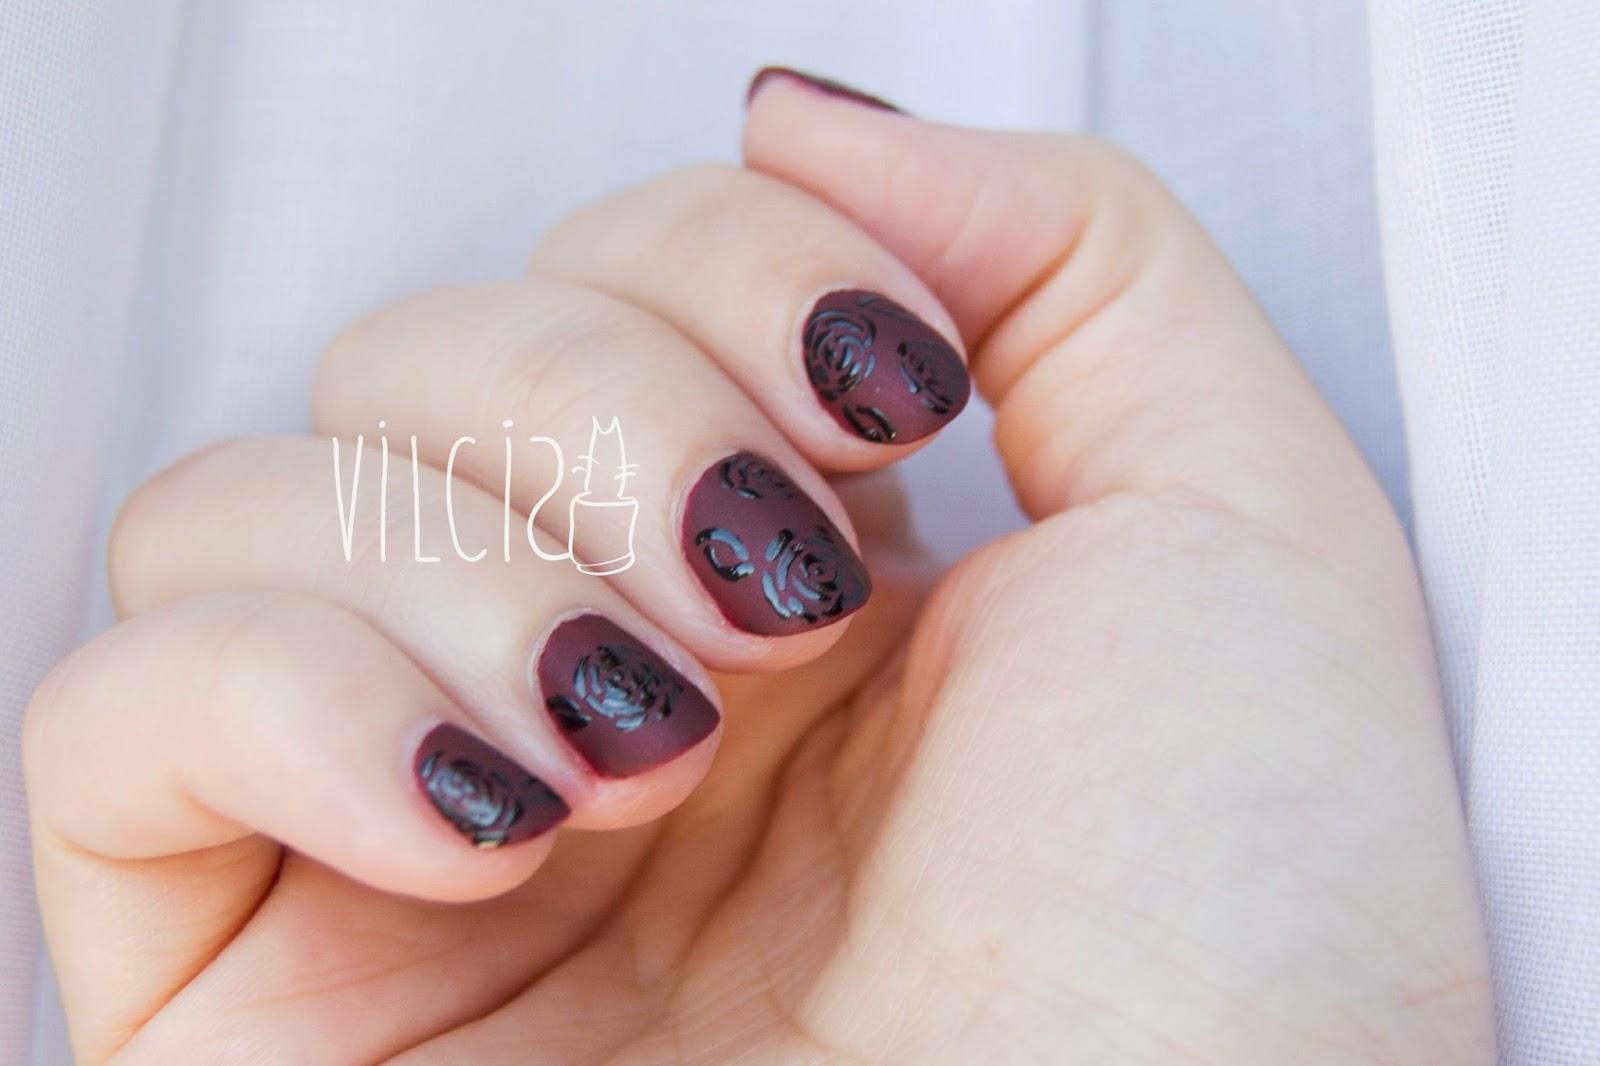 Diseño de uñas gótico con rosas negras vilcis